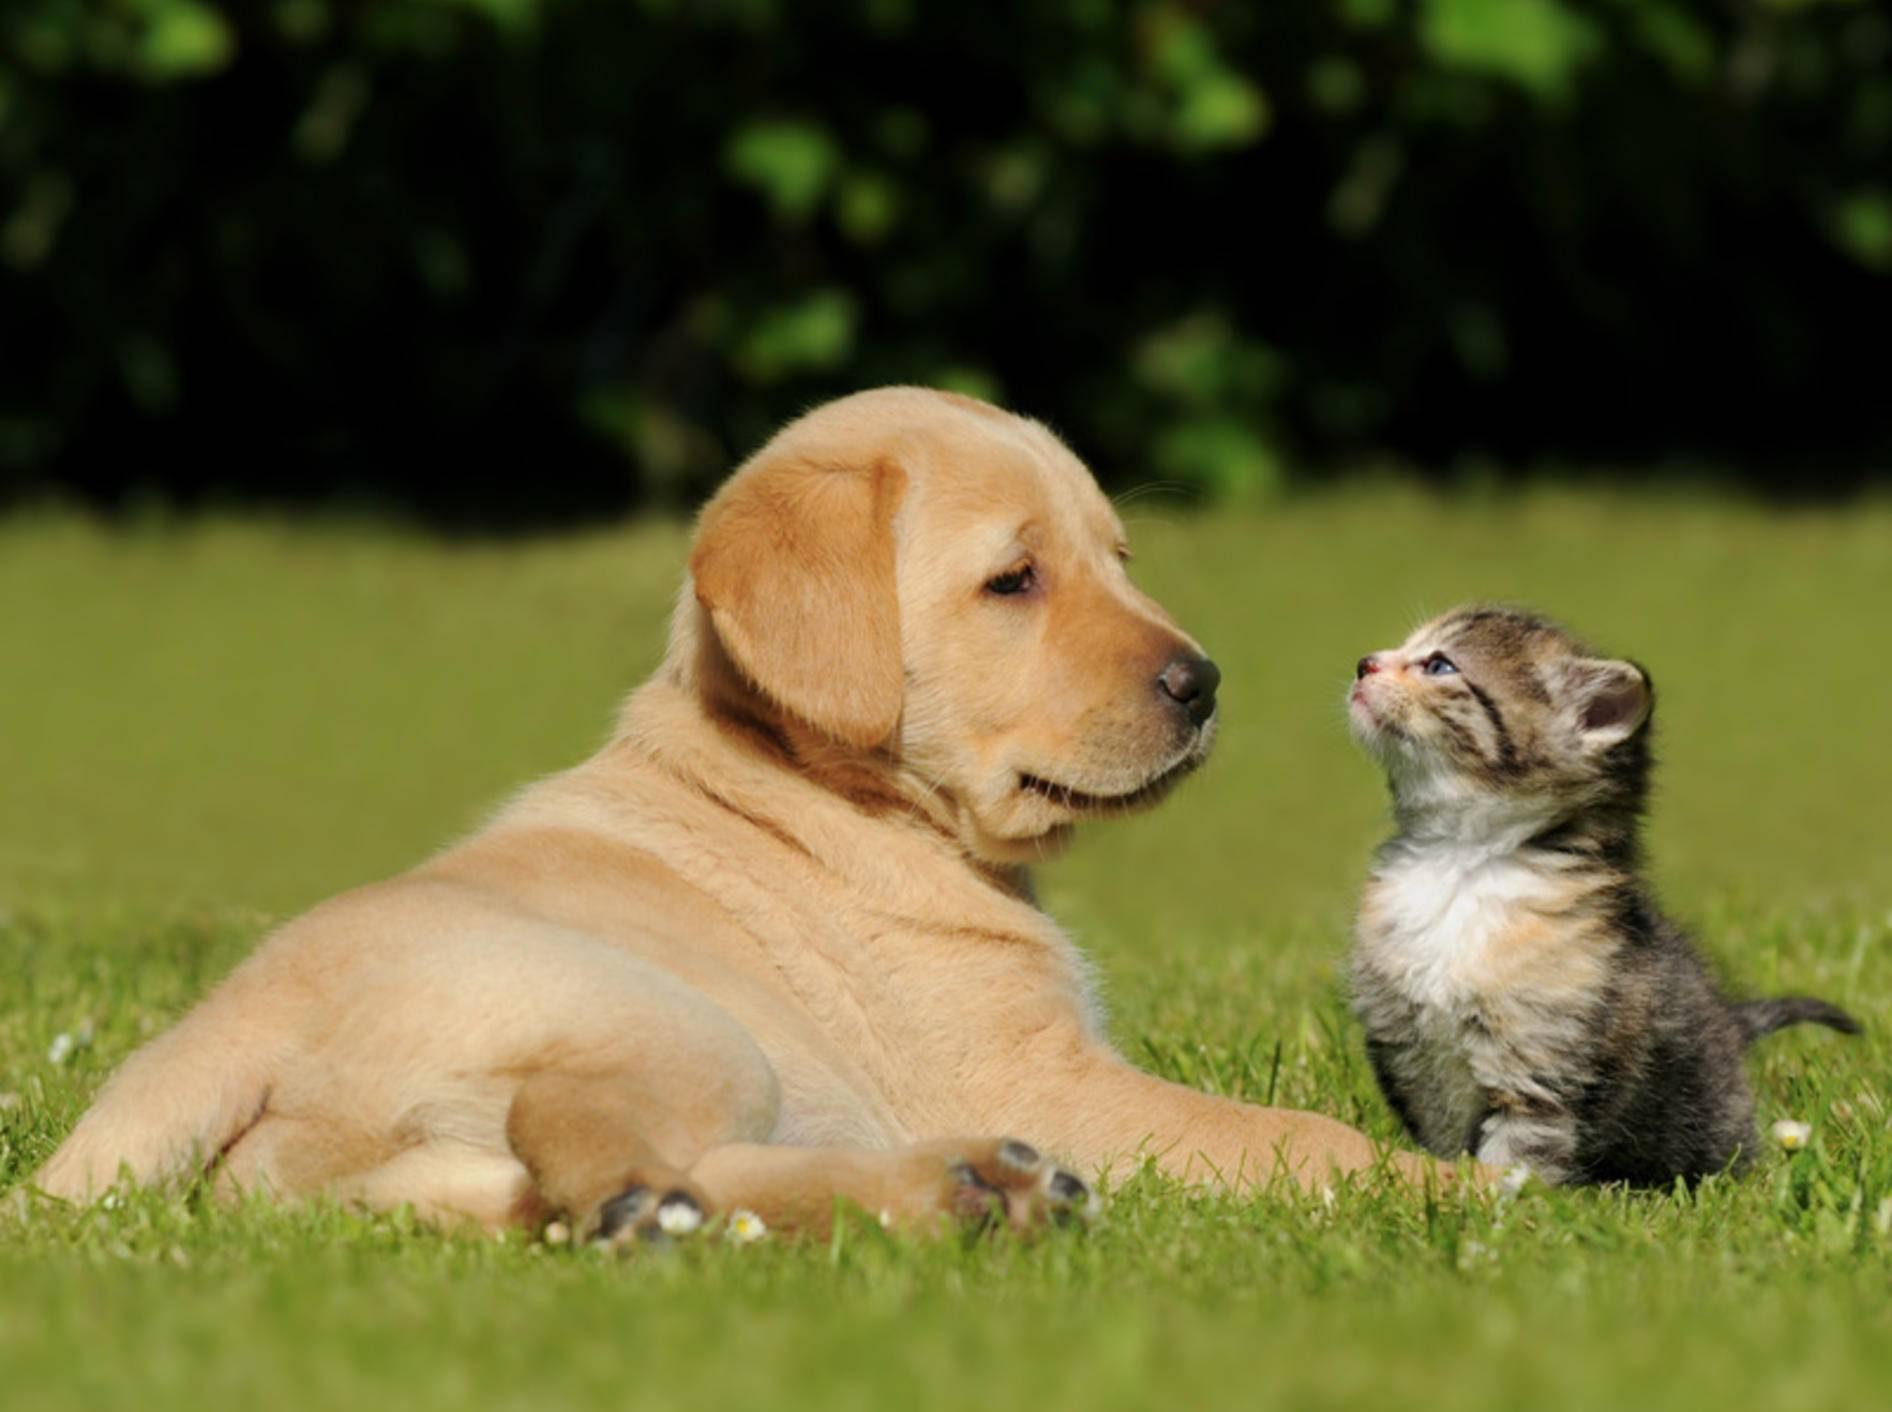 Von wegen Hund und Katze würden sich nicht verstehen. Diese Zwei zeigen Gegenteiliges – Bild: Shutterstock / schubbel